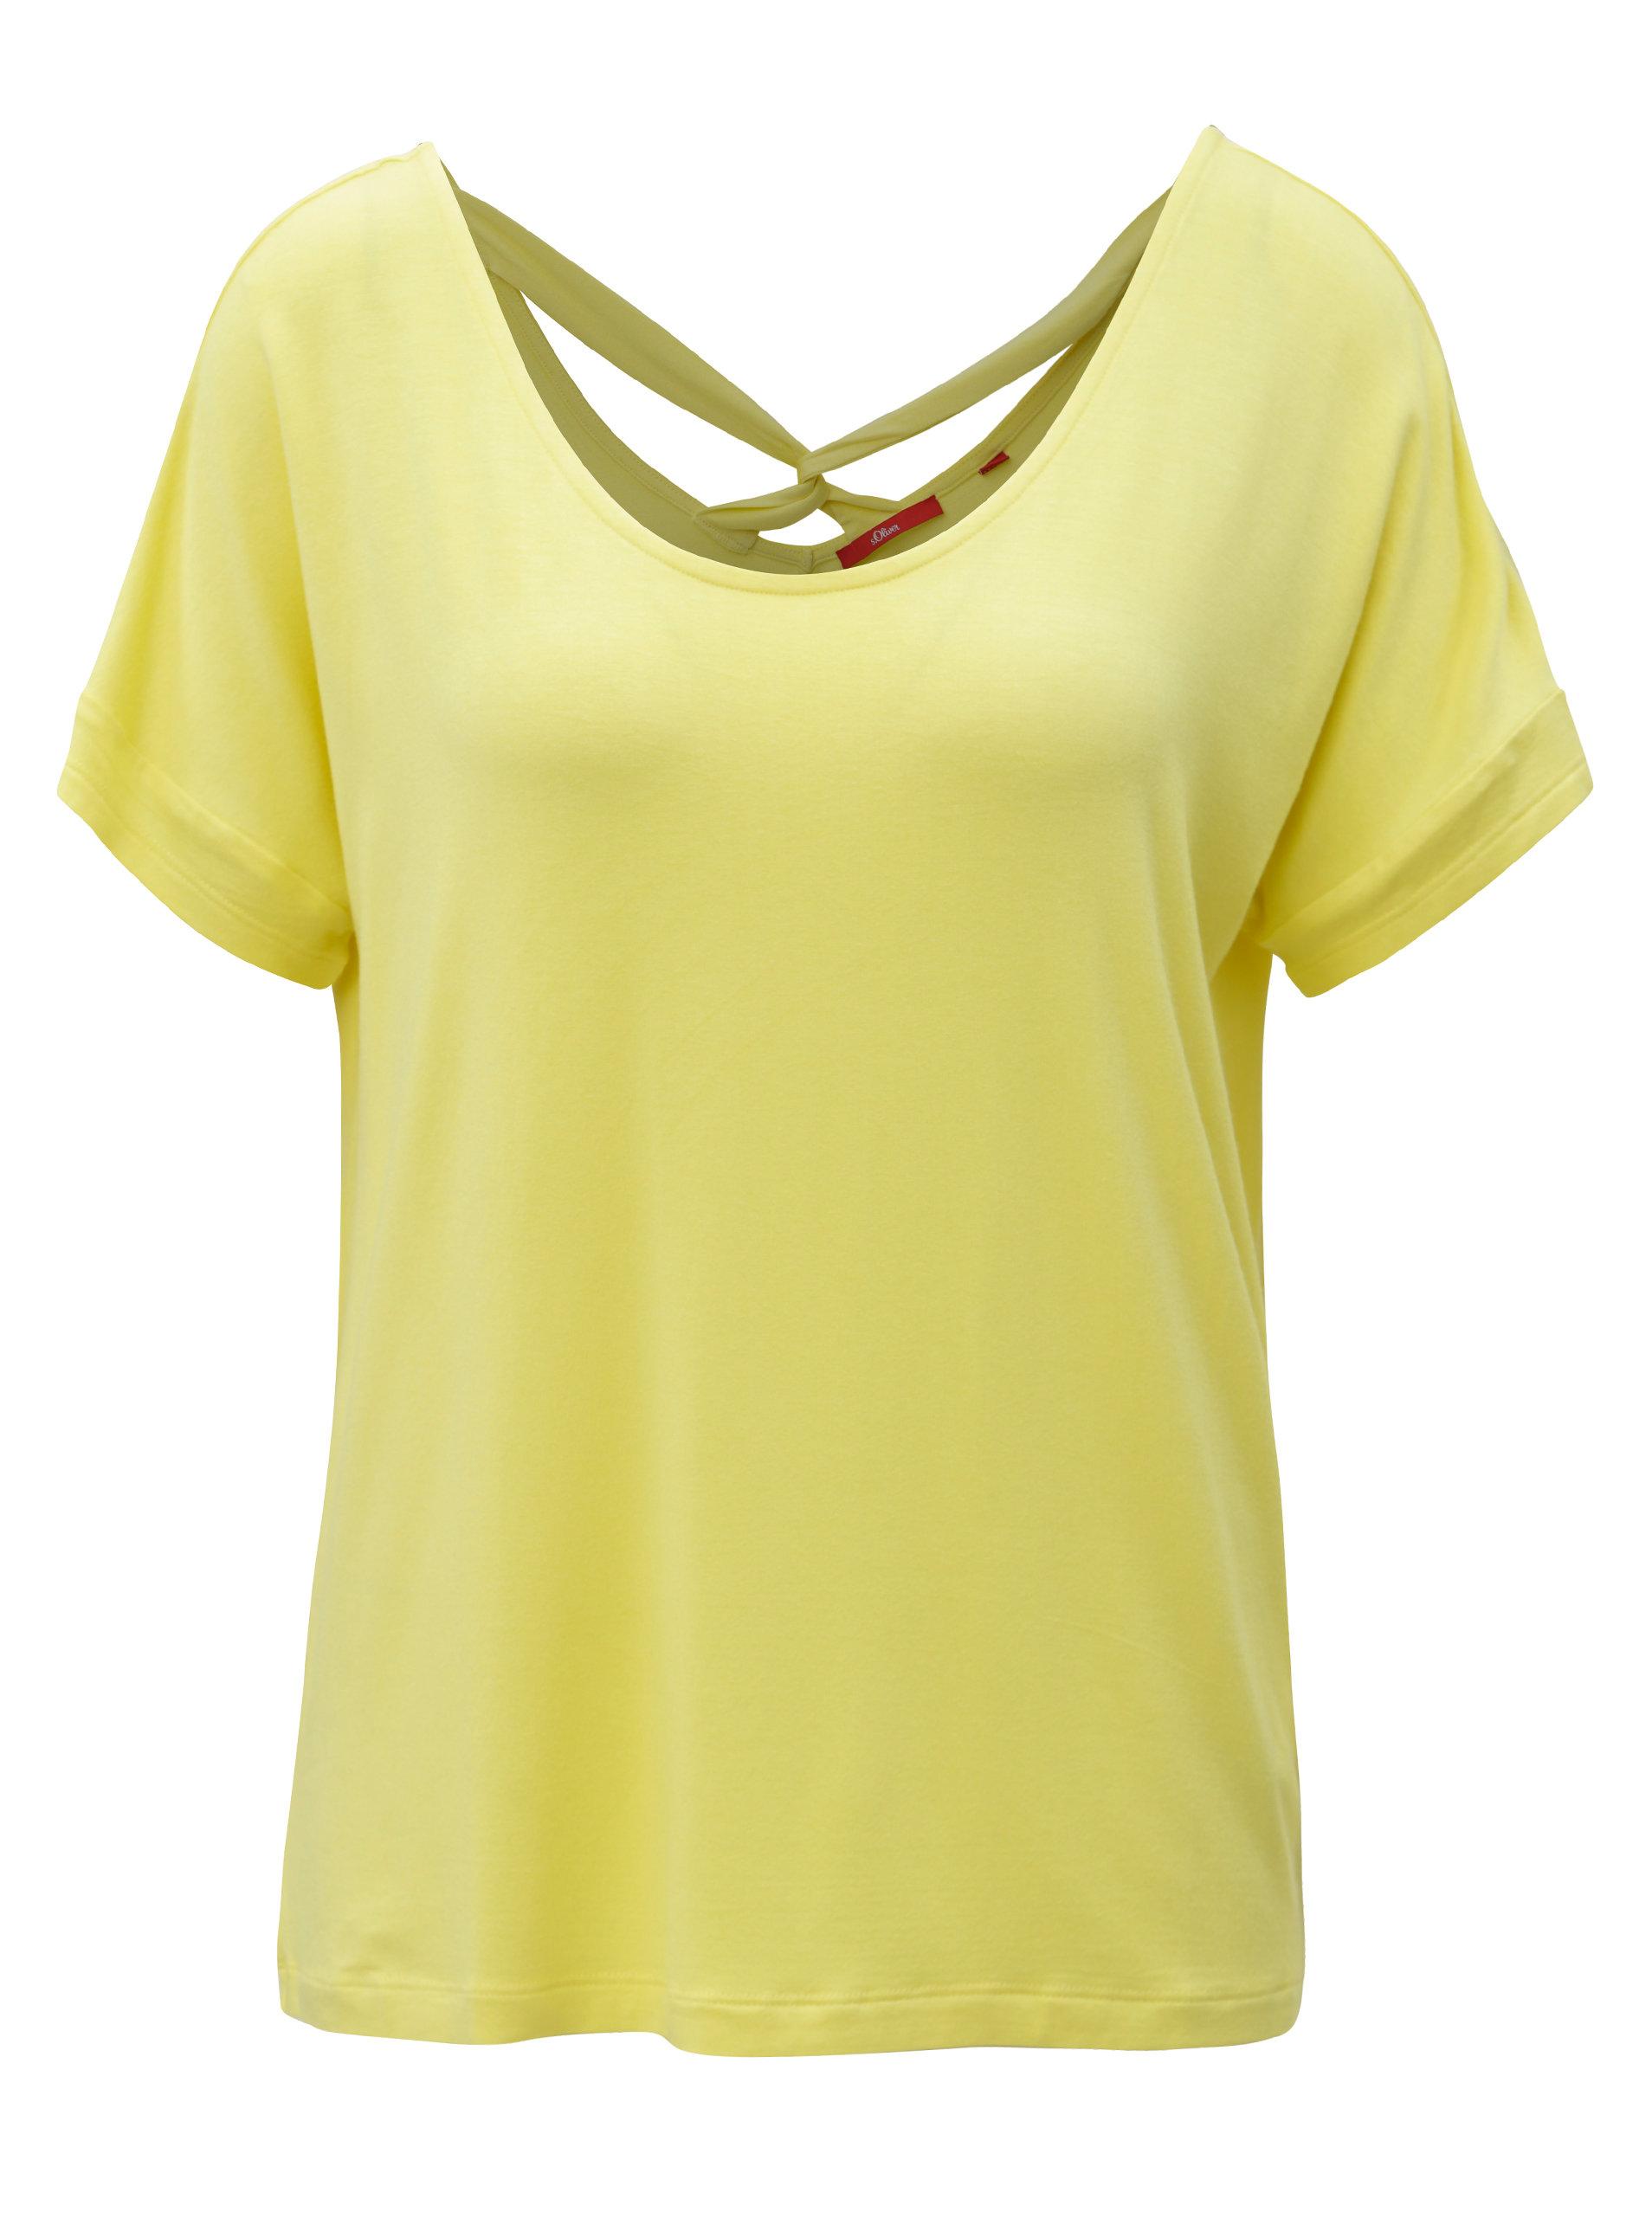 Žluté dámské volné tričko s pásky na zádech s.Oliver  4101a89740